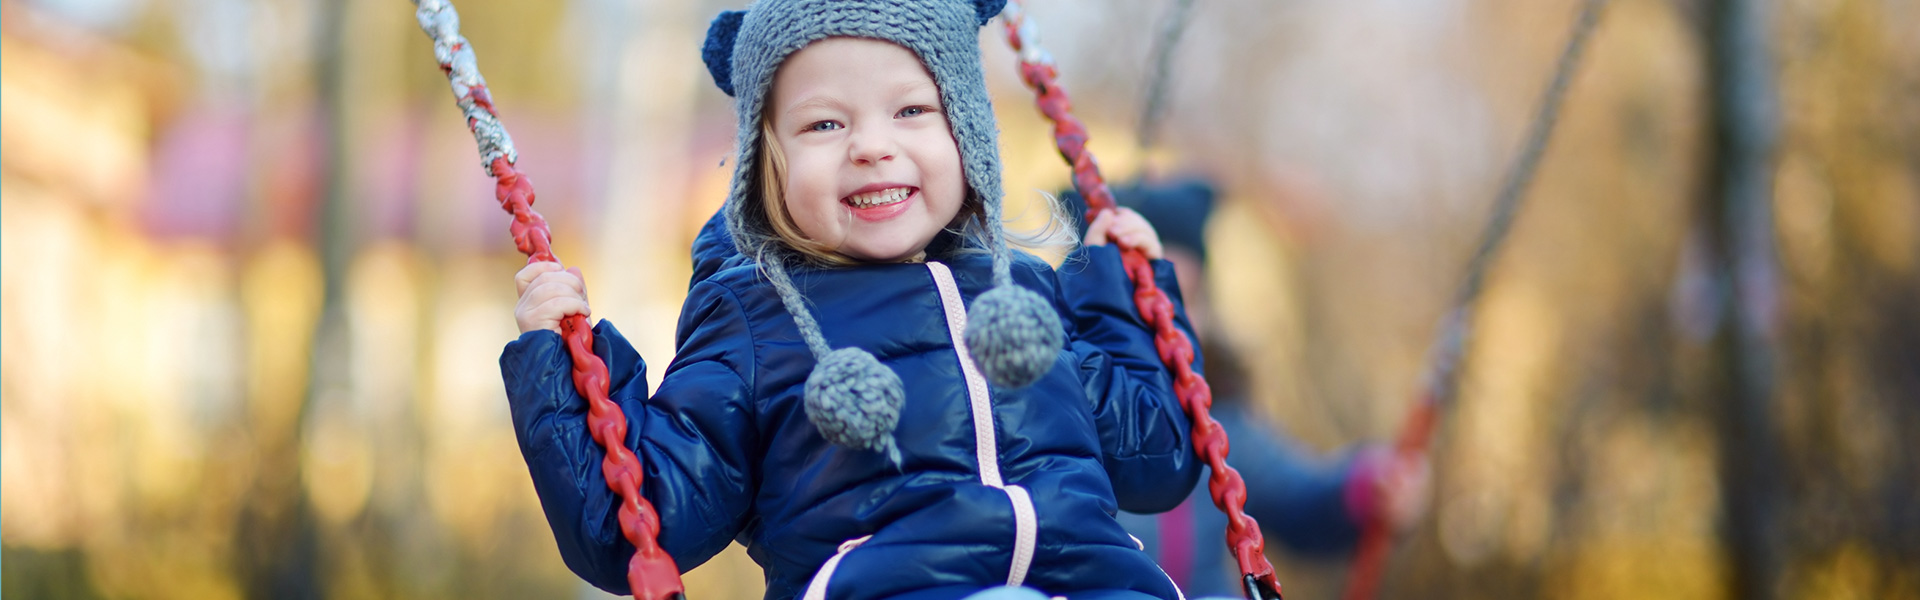 Bambini all'aperto, anche in inverno – Prénatal Easychic